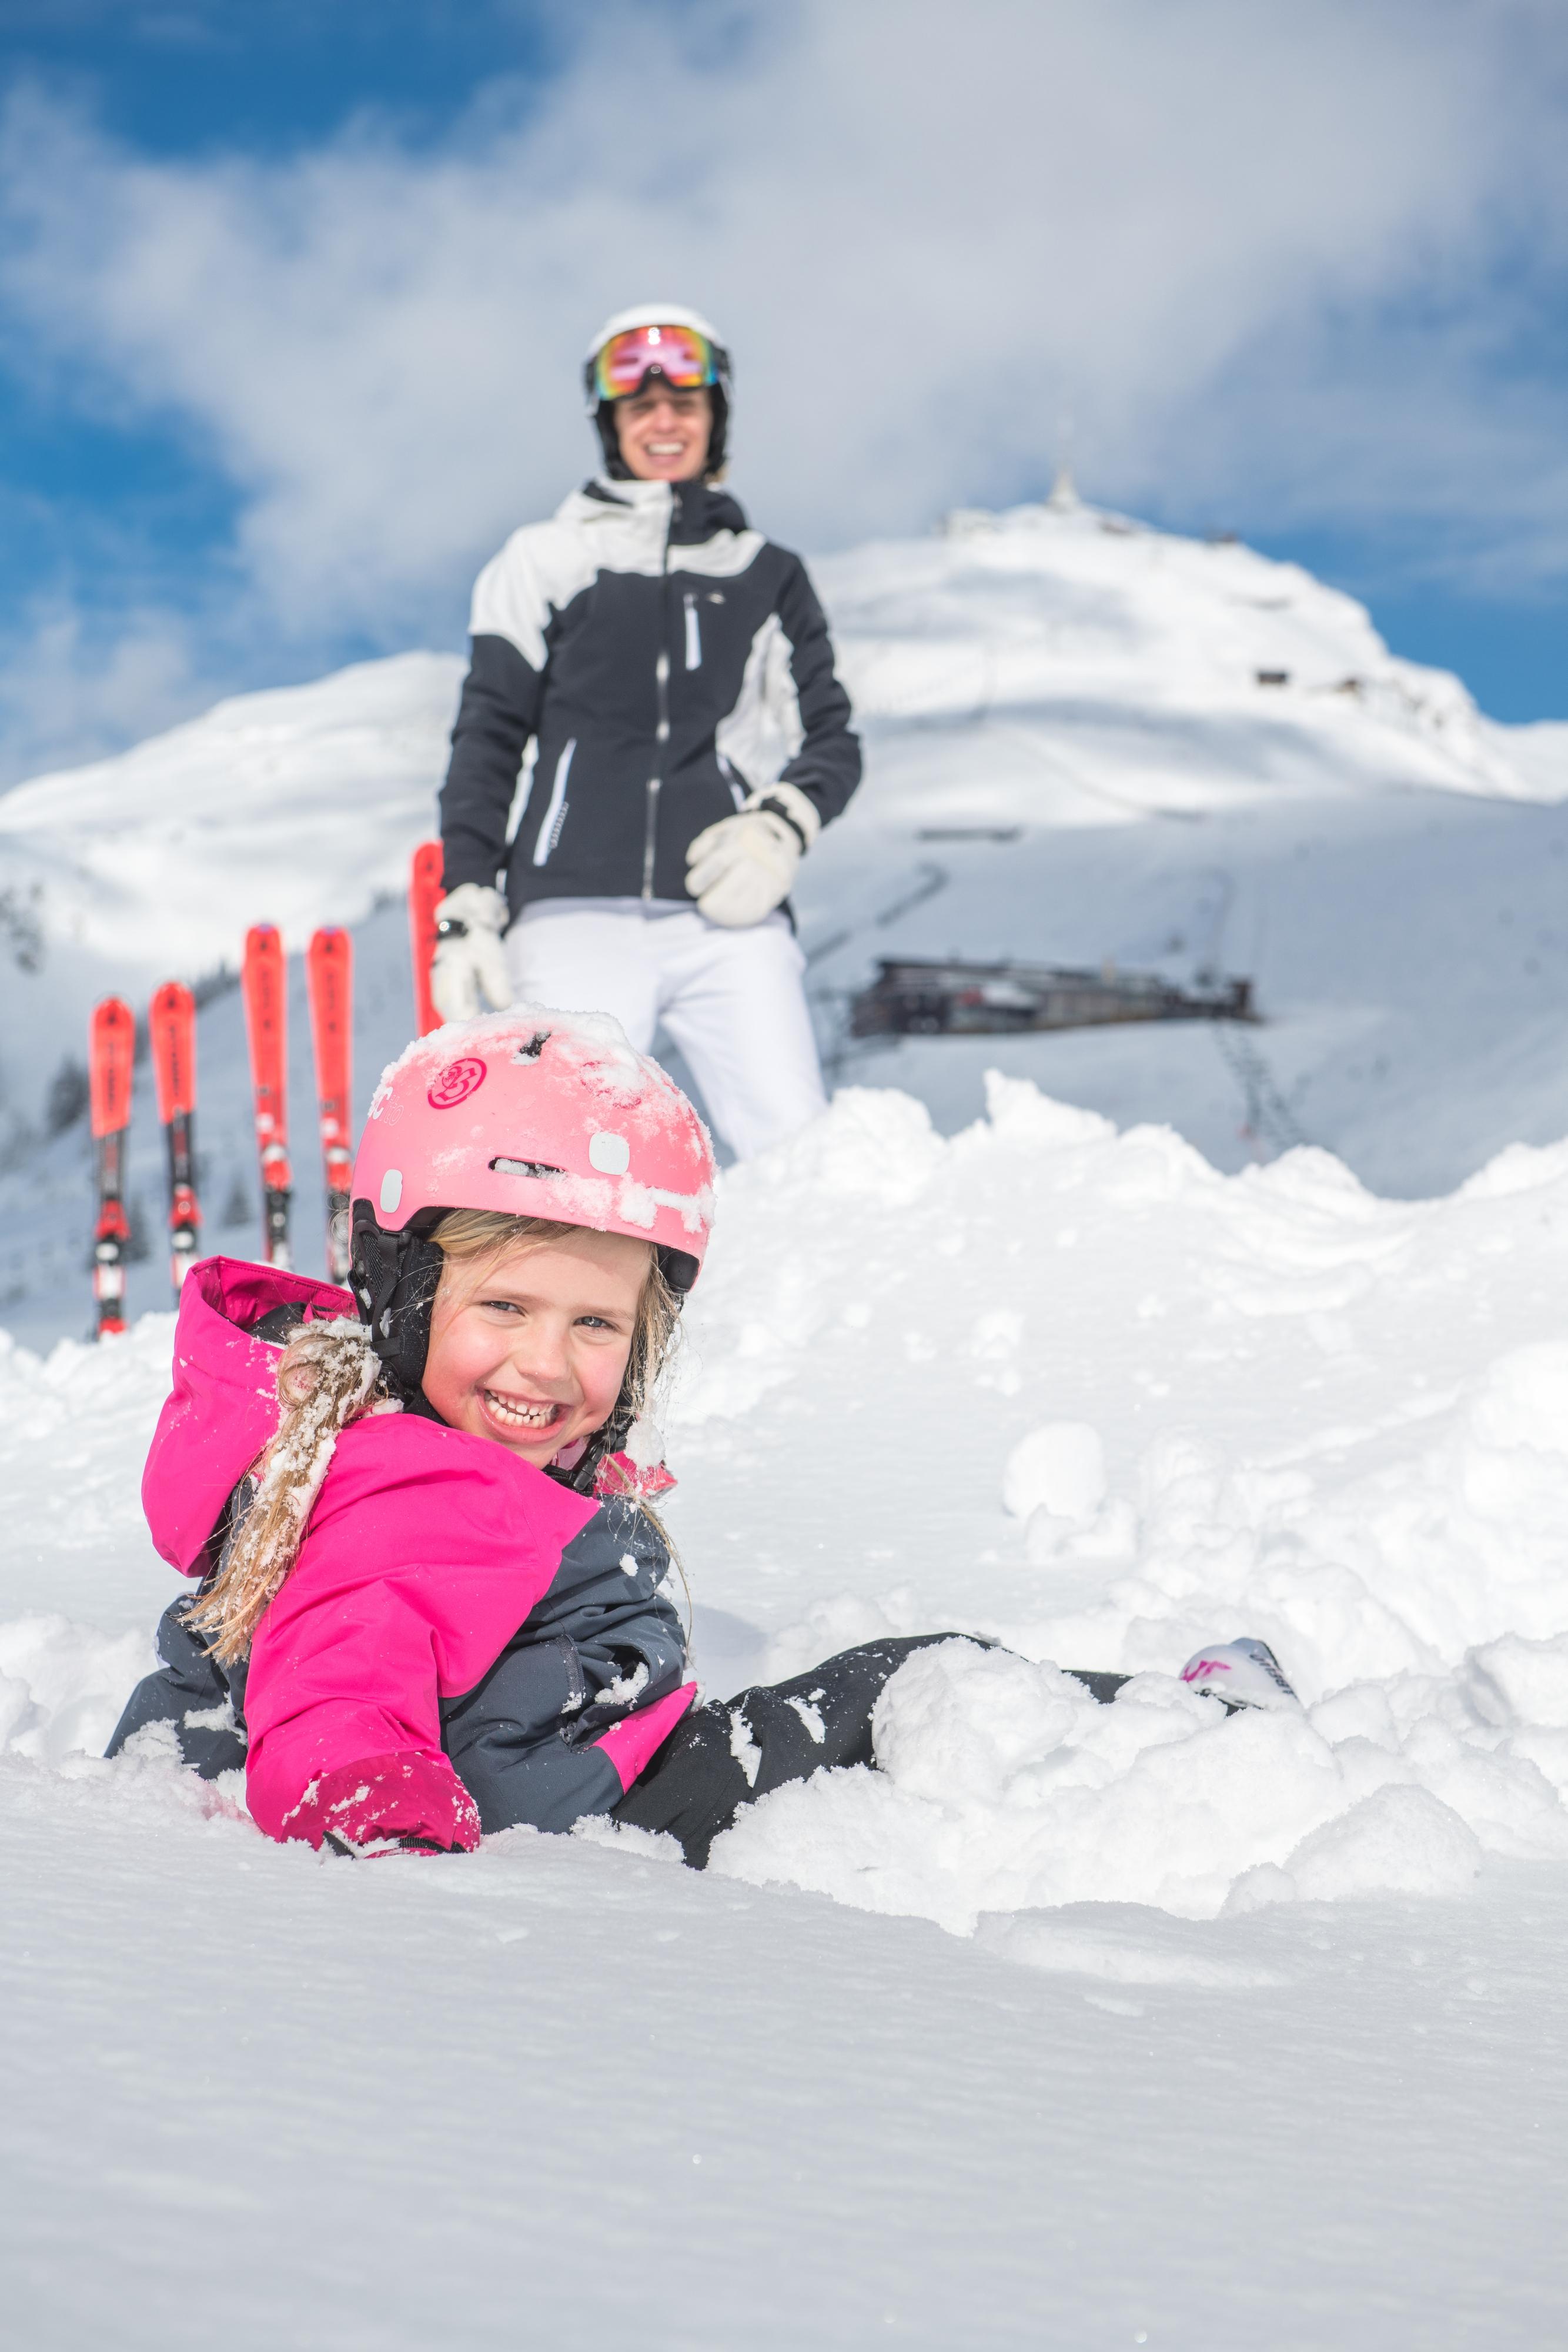 Mutter skifahren Kind liegt im Schnee